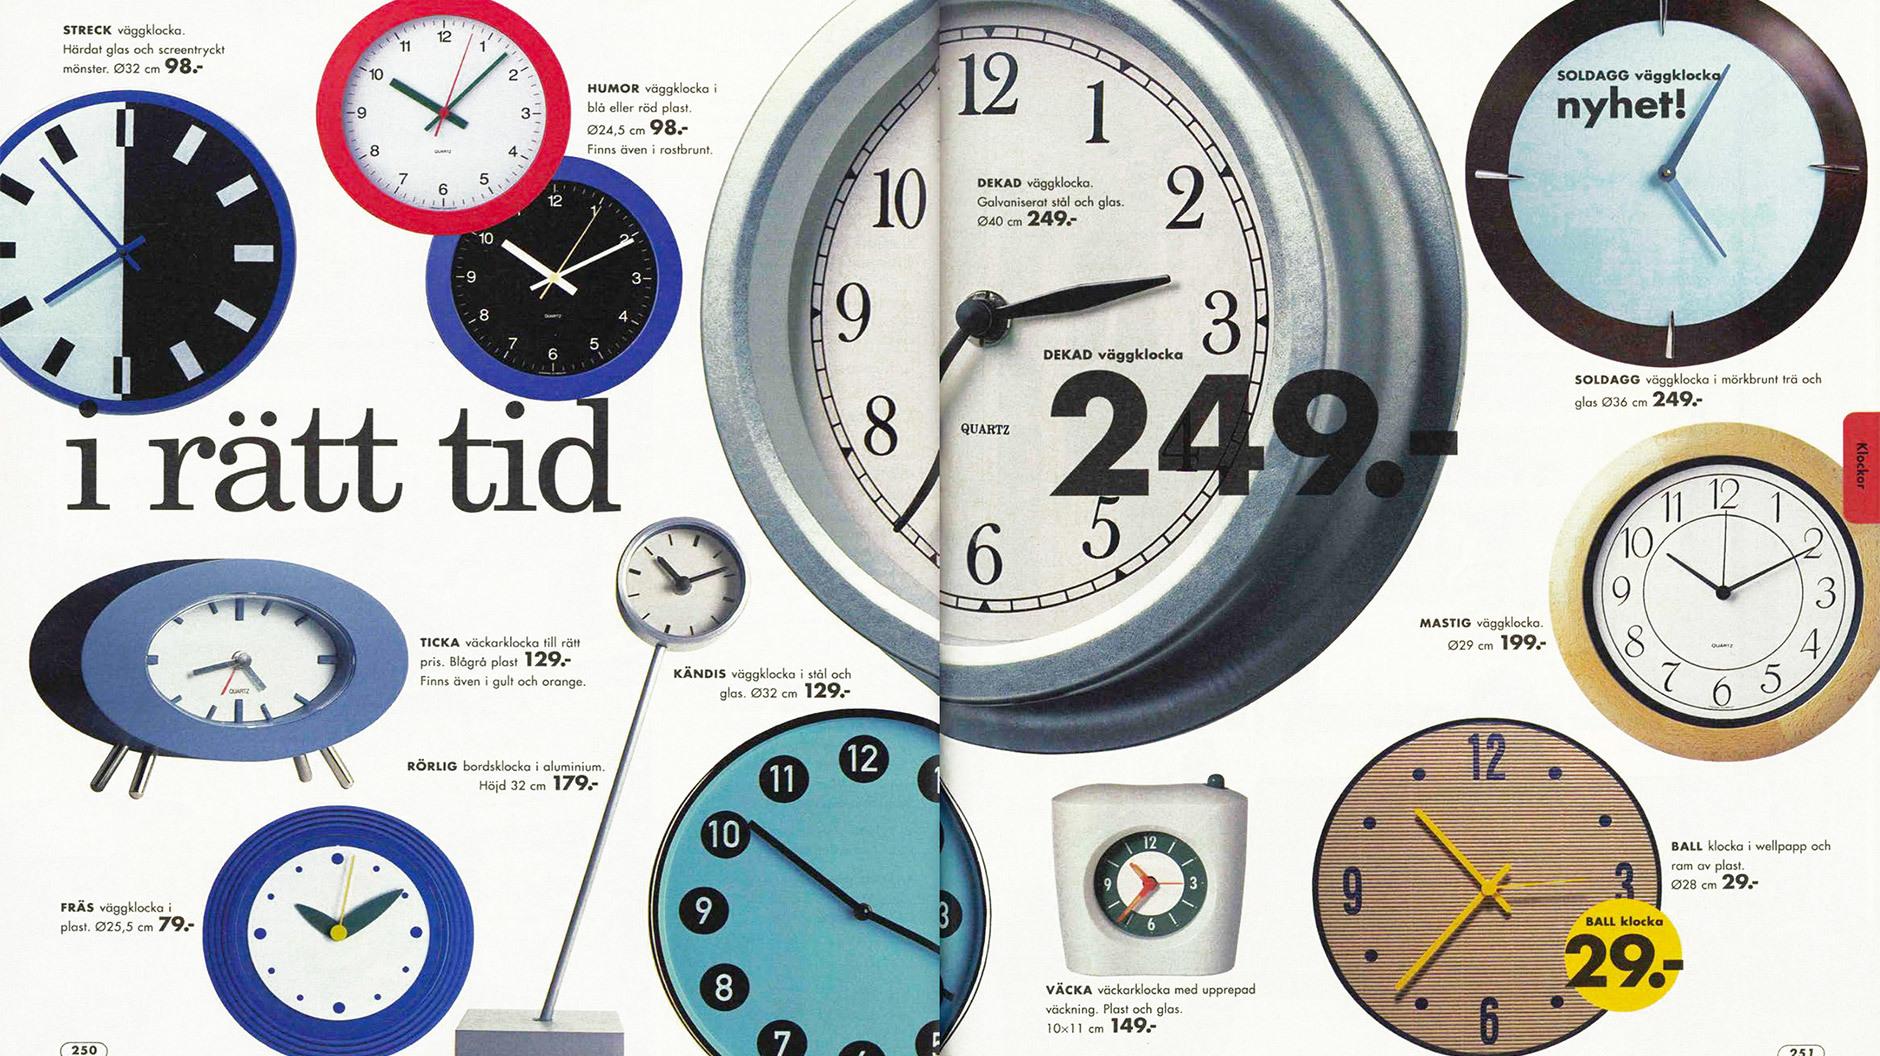 Aus der Zeit gefallen: Wanduhren haben mittlerweile den Status eines dekorativen Wandobjektes. Die Uhrzeit holen wir uns dann doch woanders. ©IKEA Katalog 2000